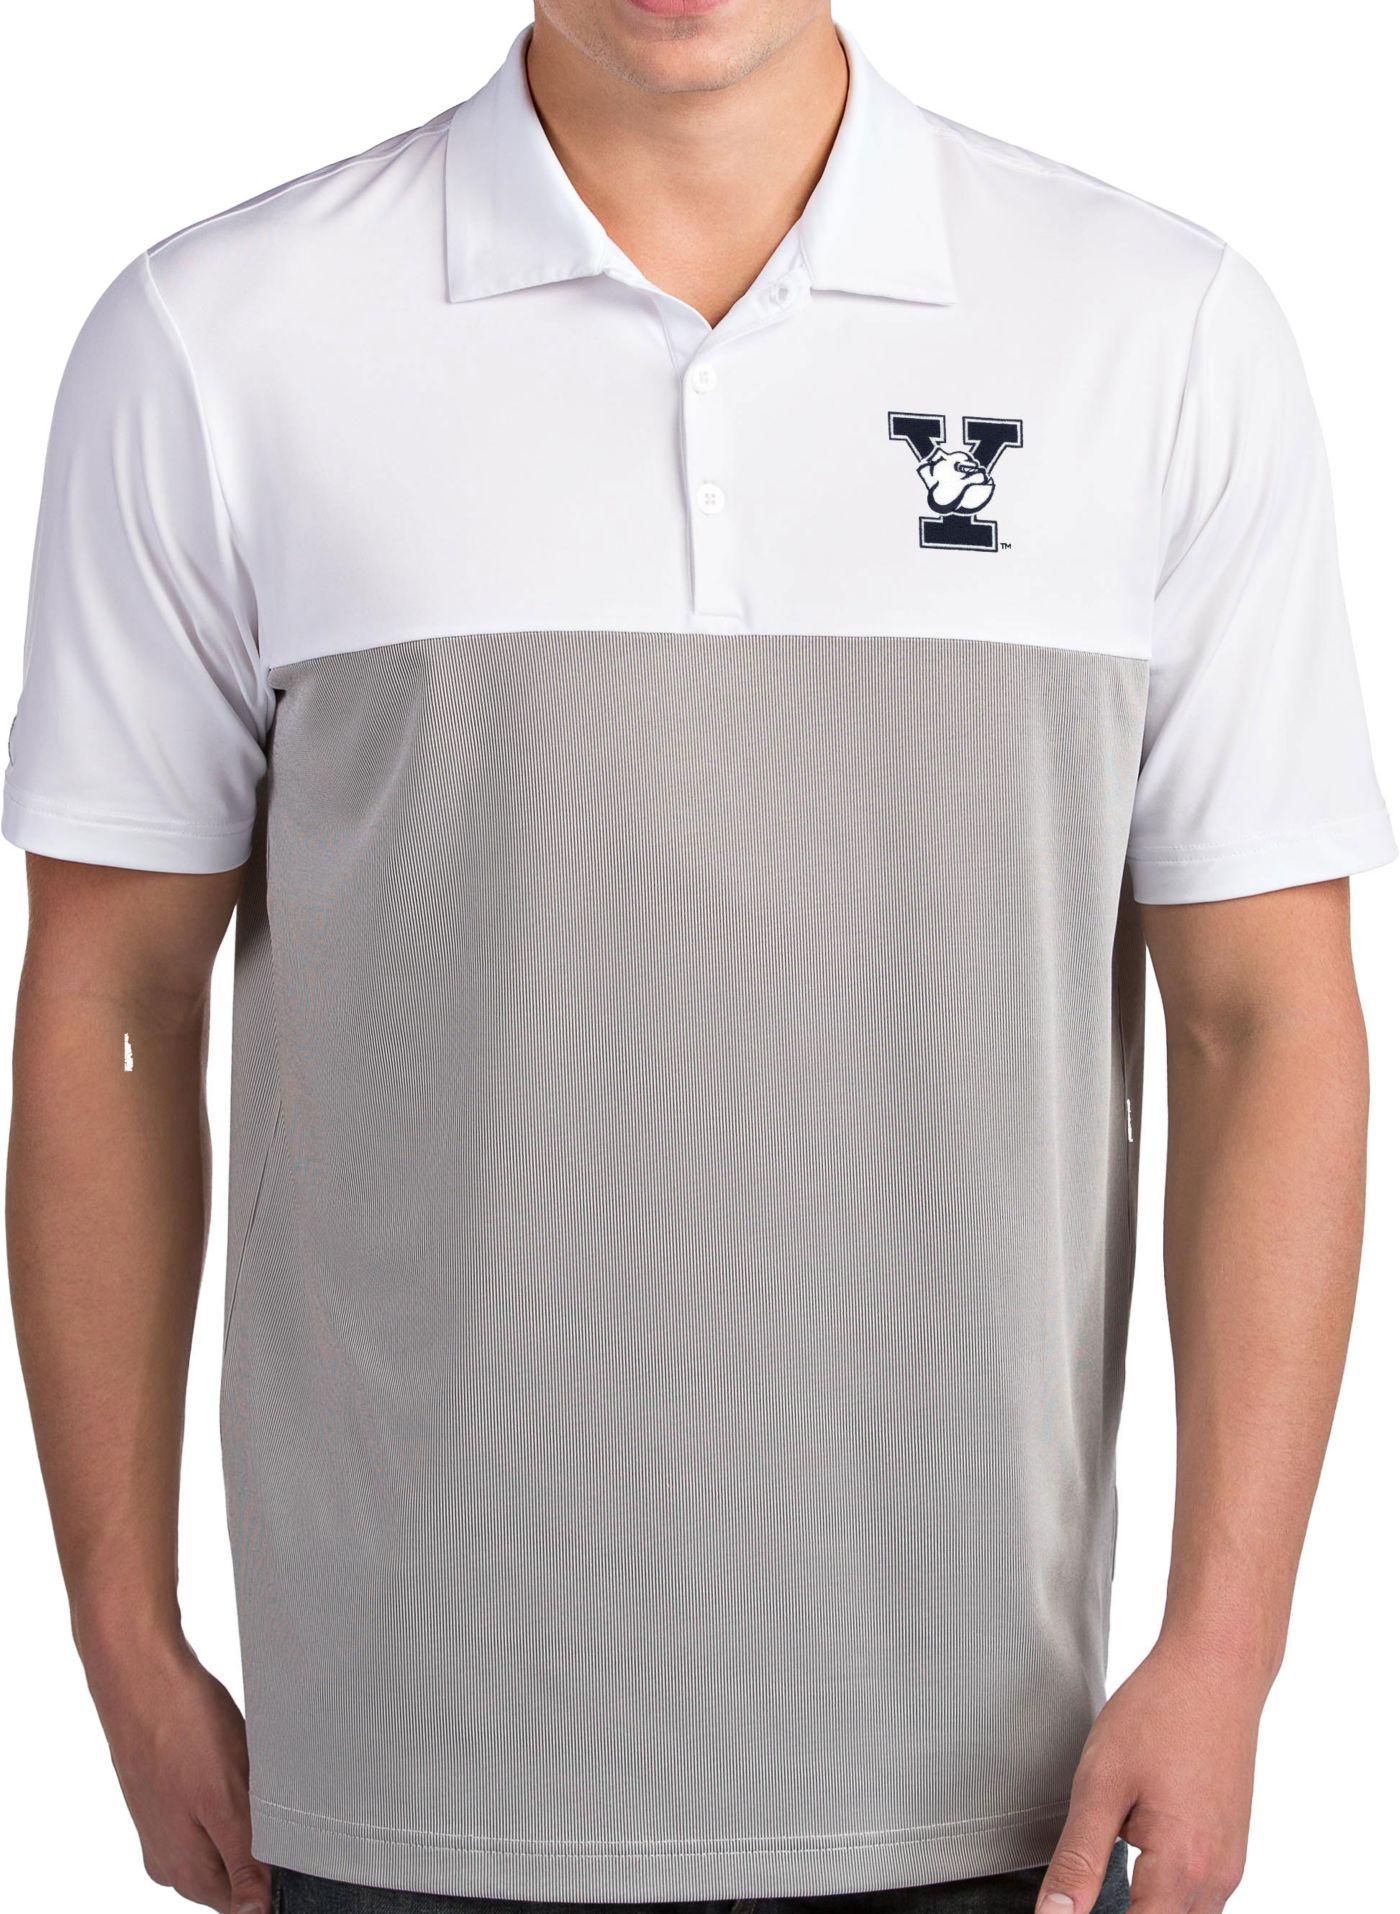 Antigua Men's Yale Bulldogs Venture White Polo